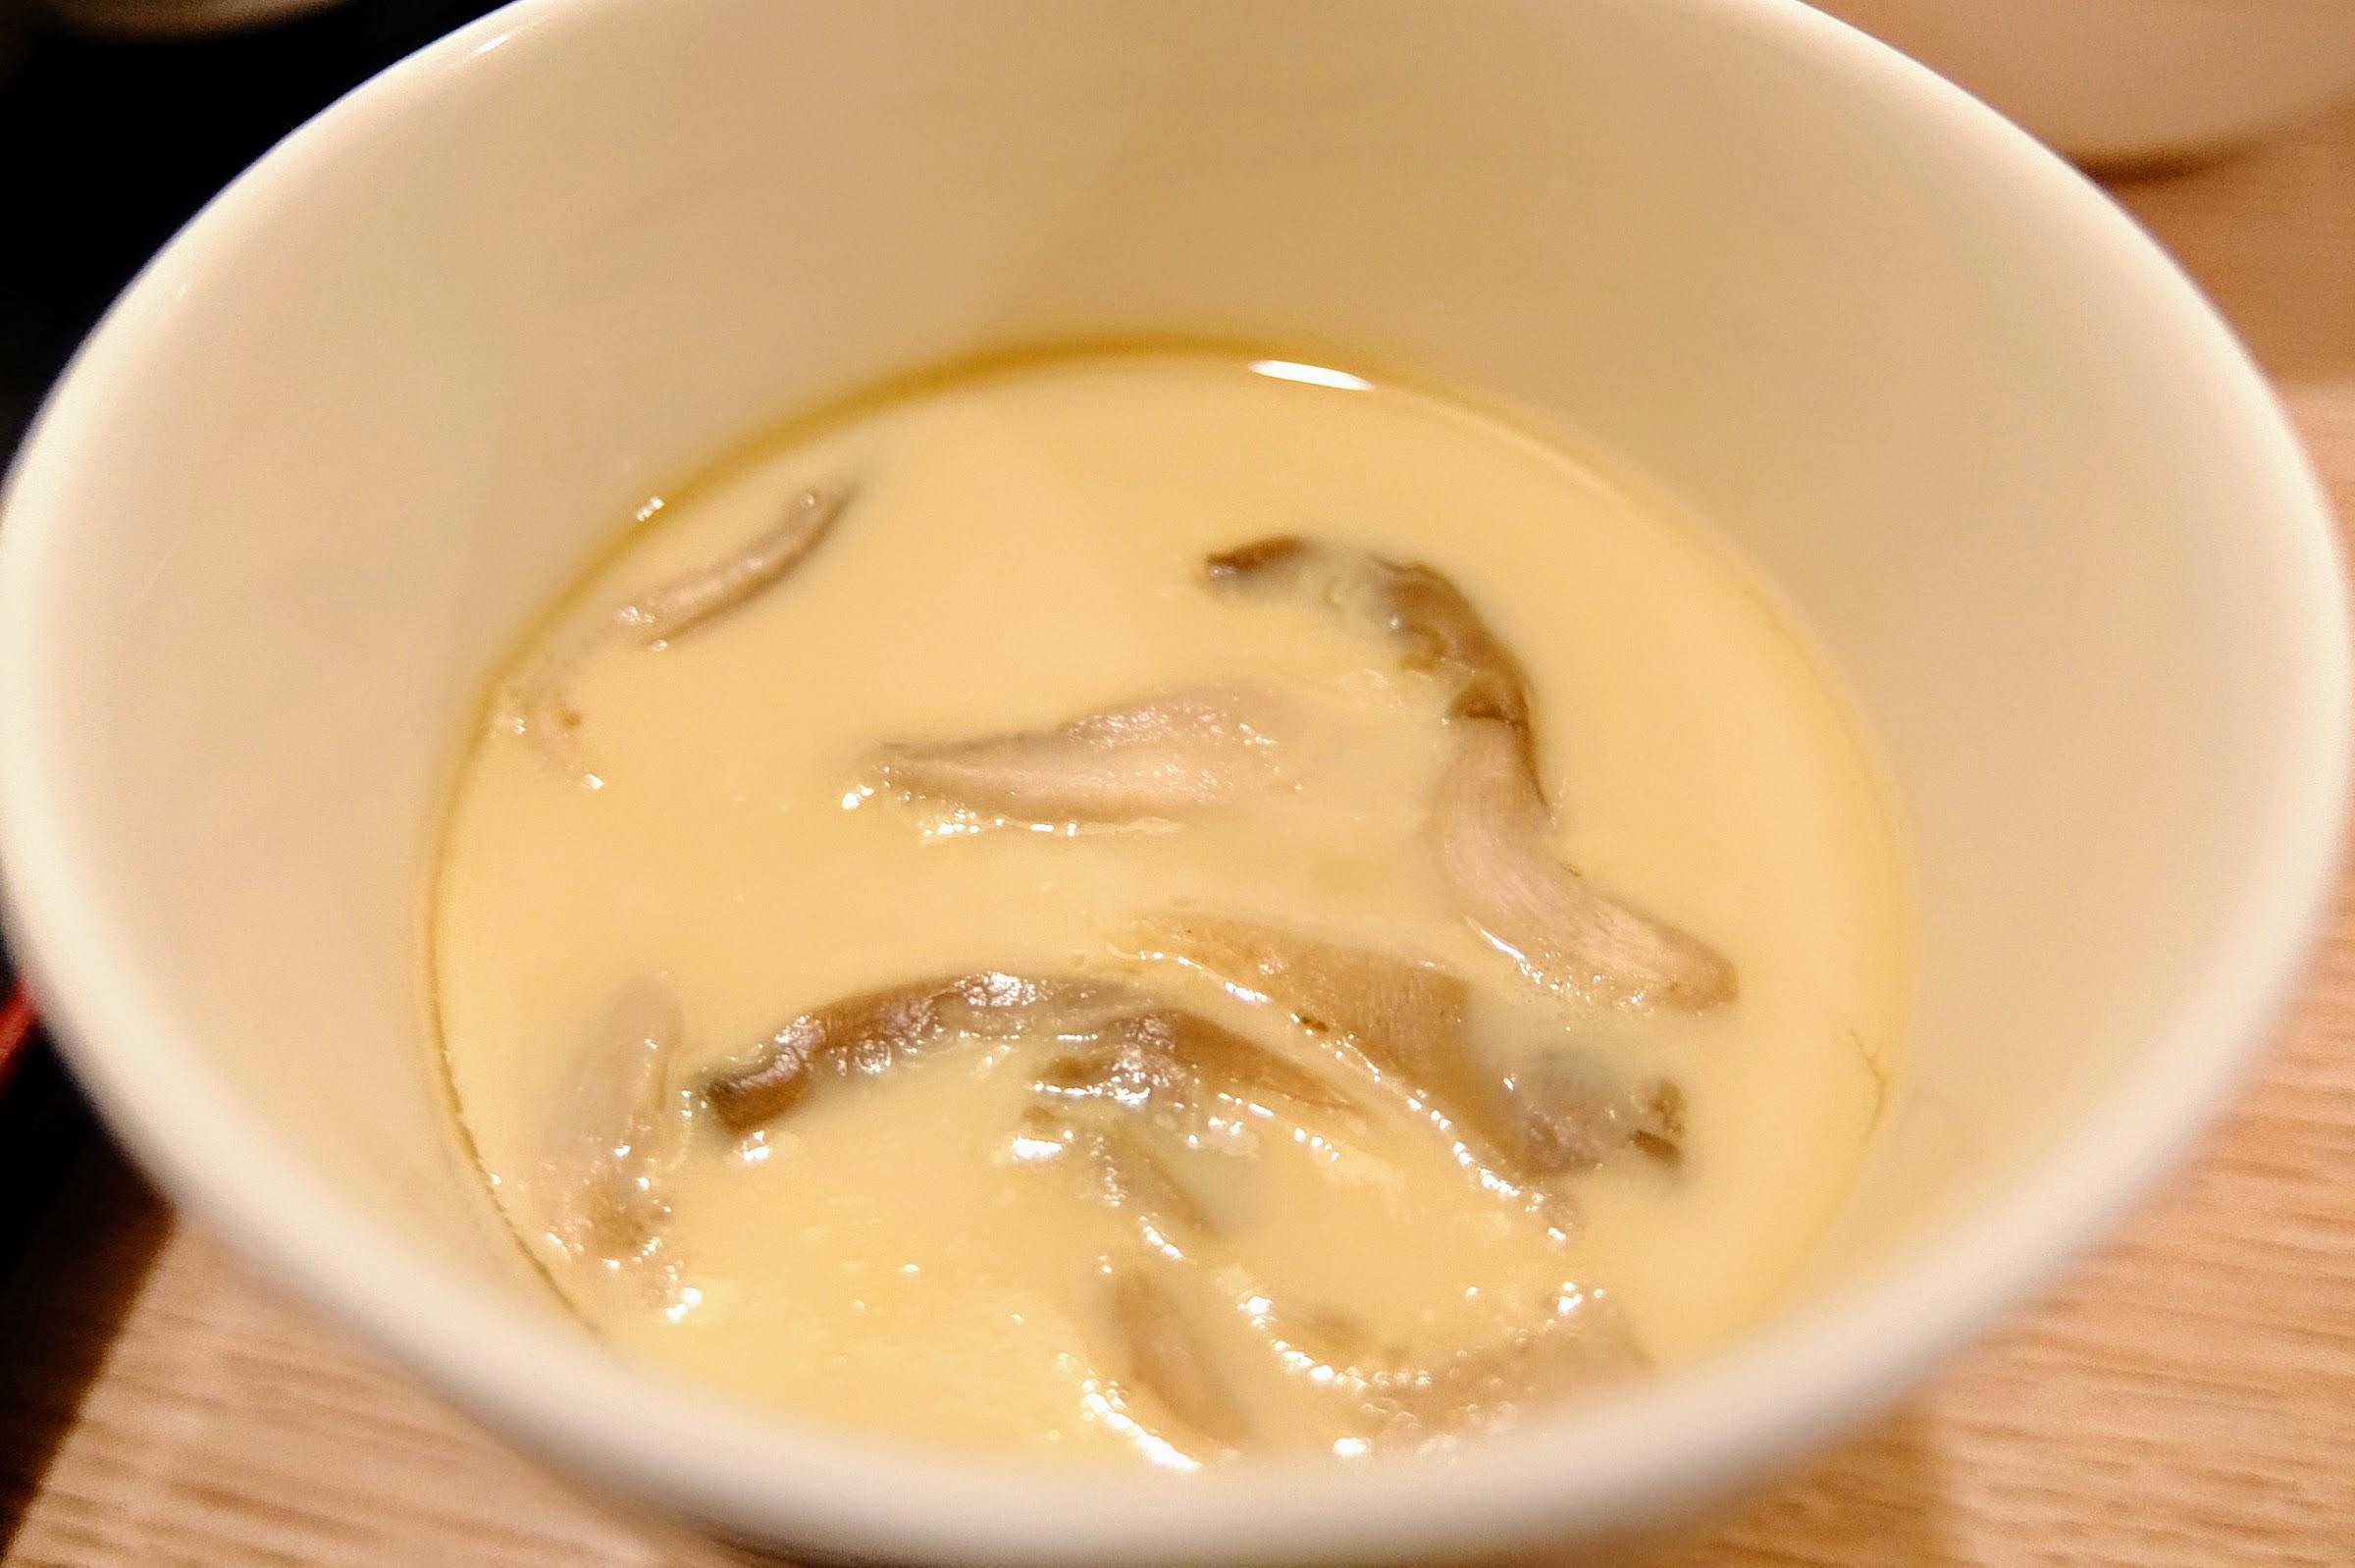 套餐內的蒸蛋,很大的亮點,因為超好吃的啊! 香菇味好濃厚